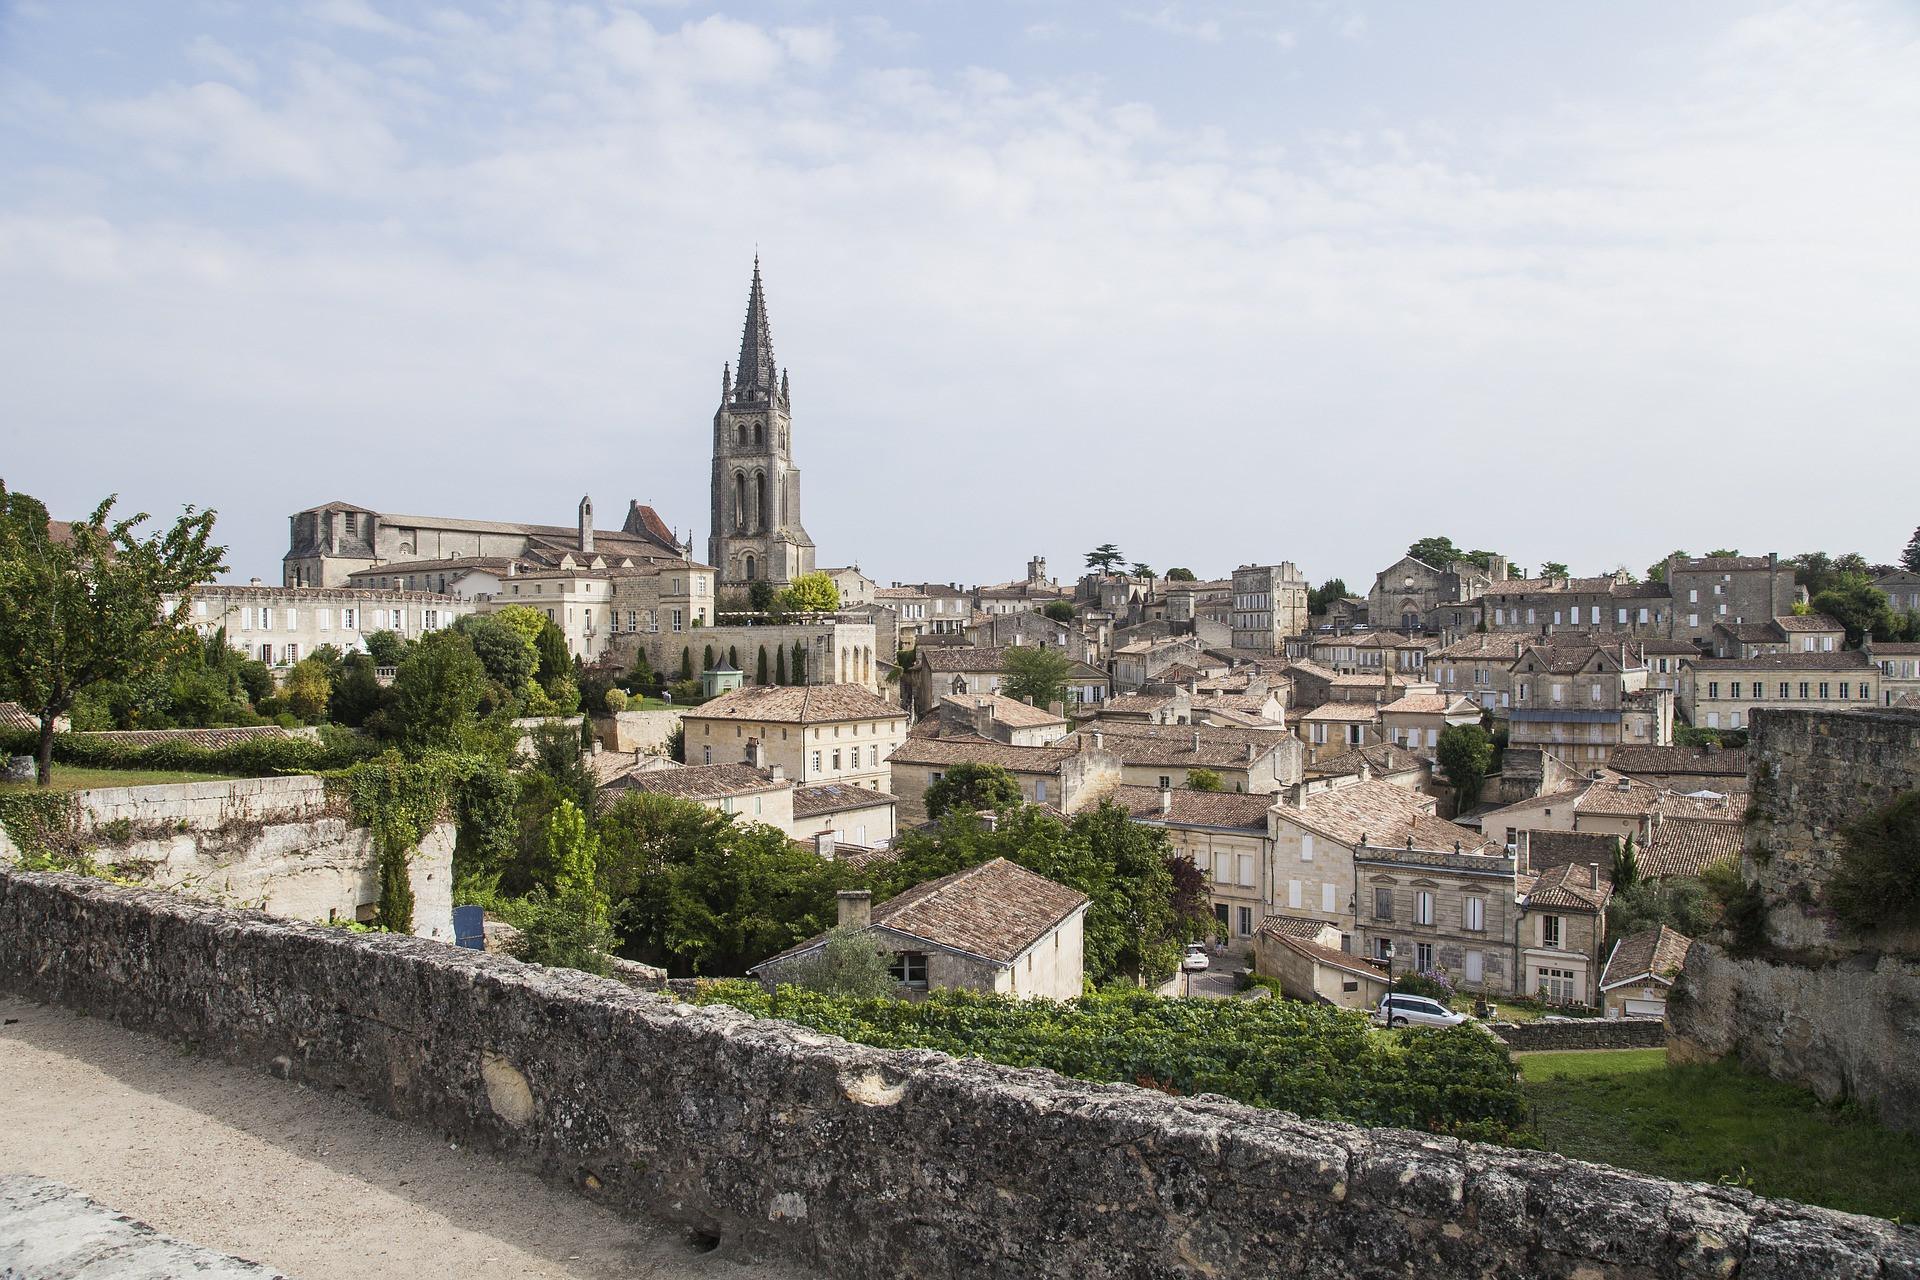 Saint-Emilion entre vignoble et histoire